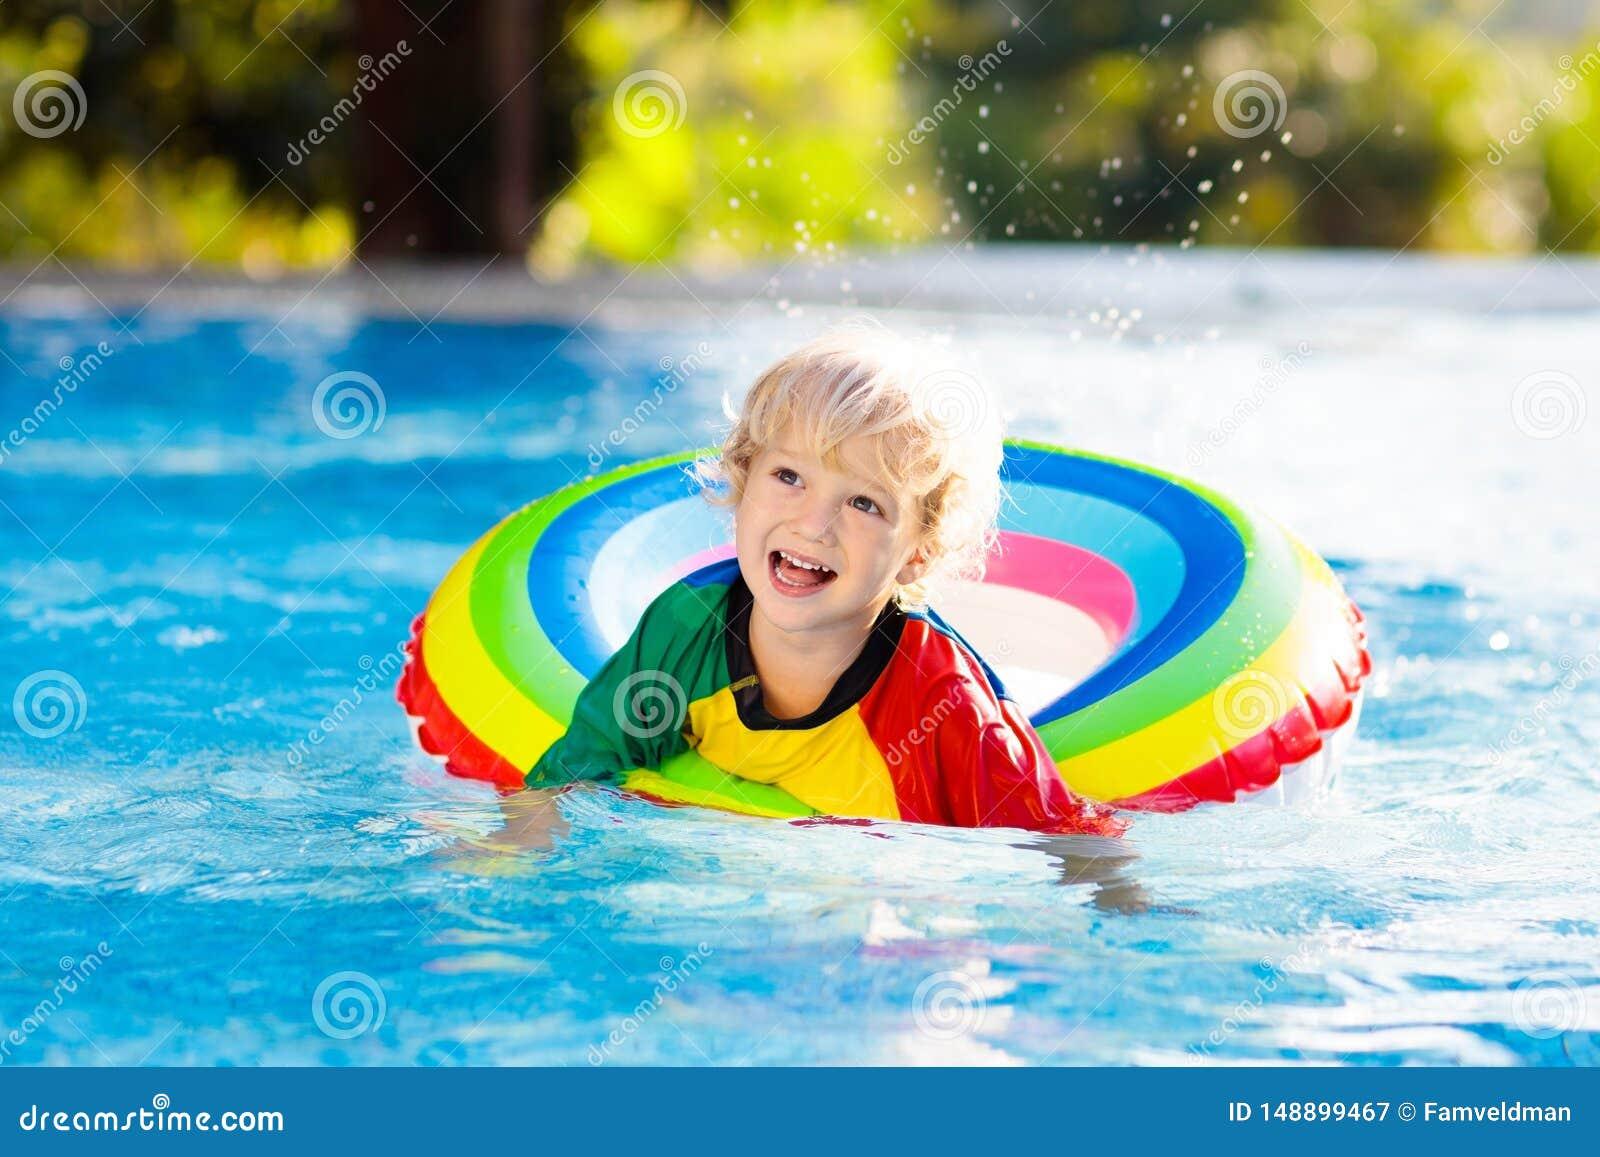 Kind in zwembad op stuk speelgoed ring De jonge geitjes zwemmen